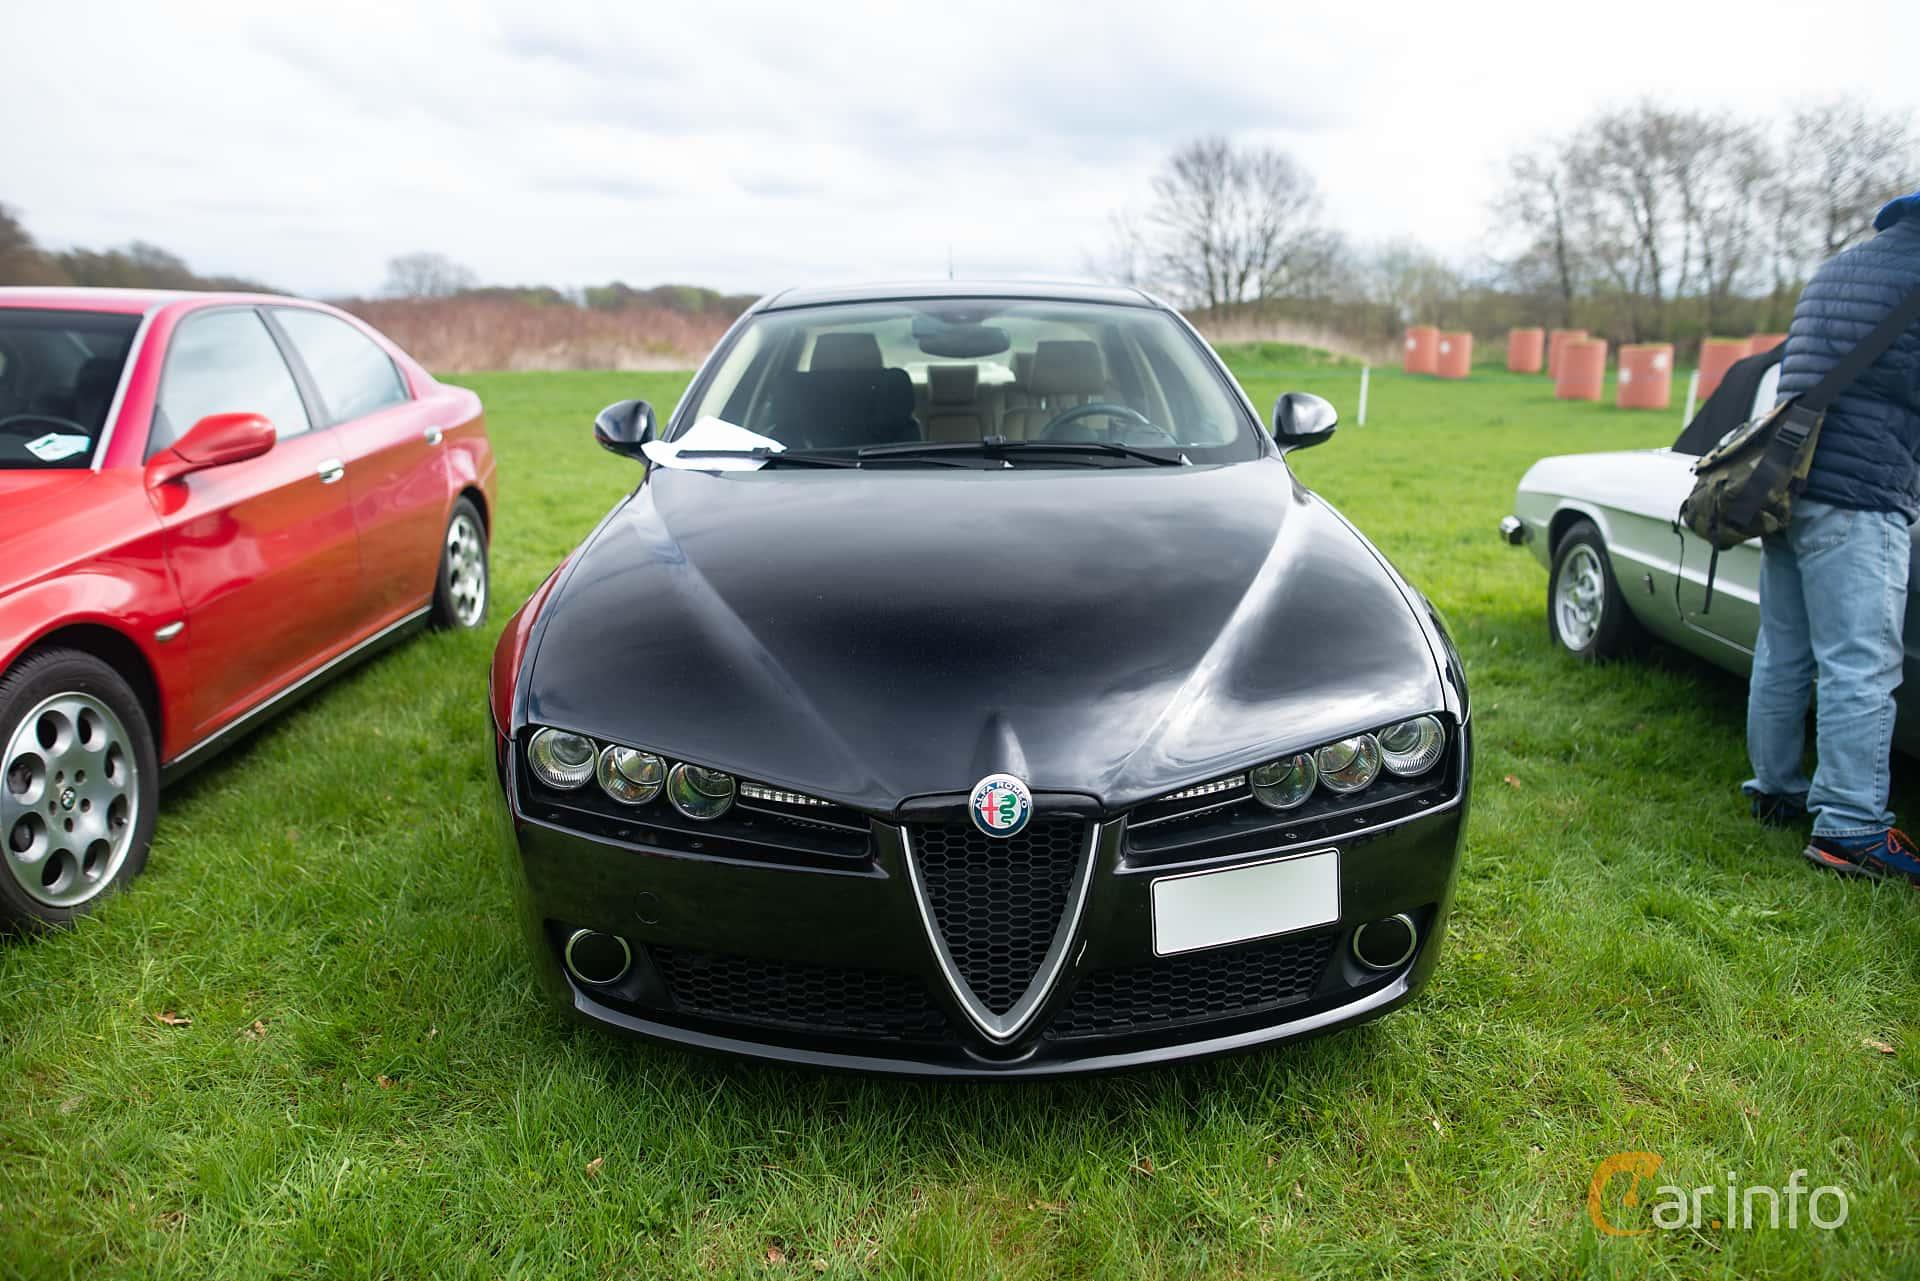 4 Images Of Alfa Romeo 159 2 2 Jts 16v Manual 185hp 2007 border=